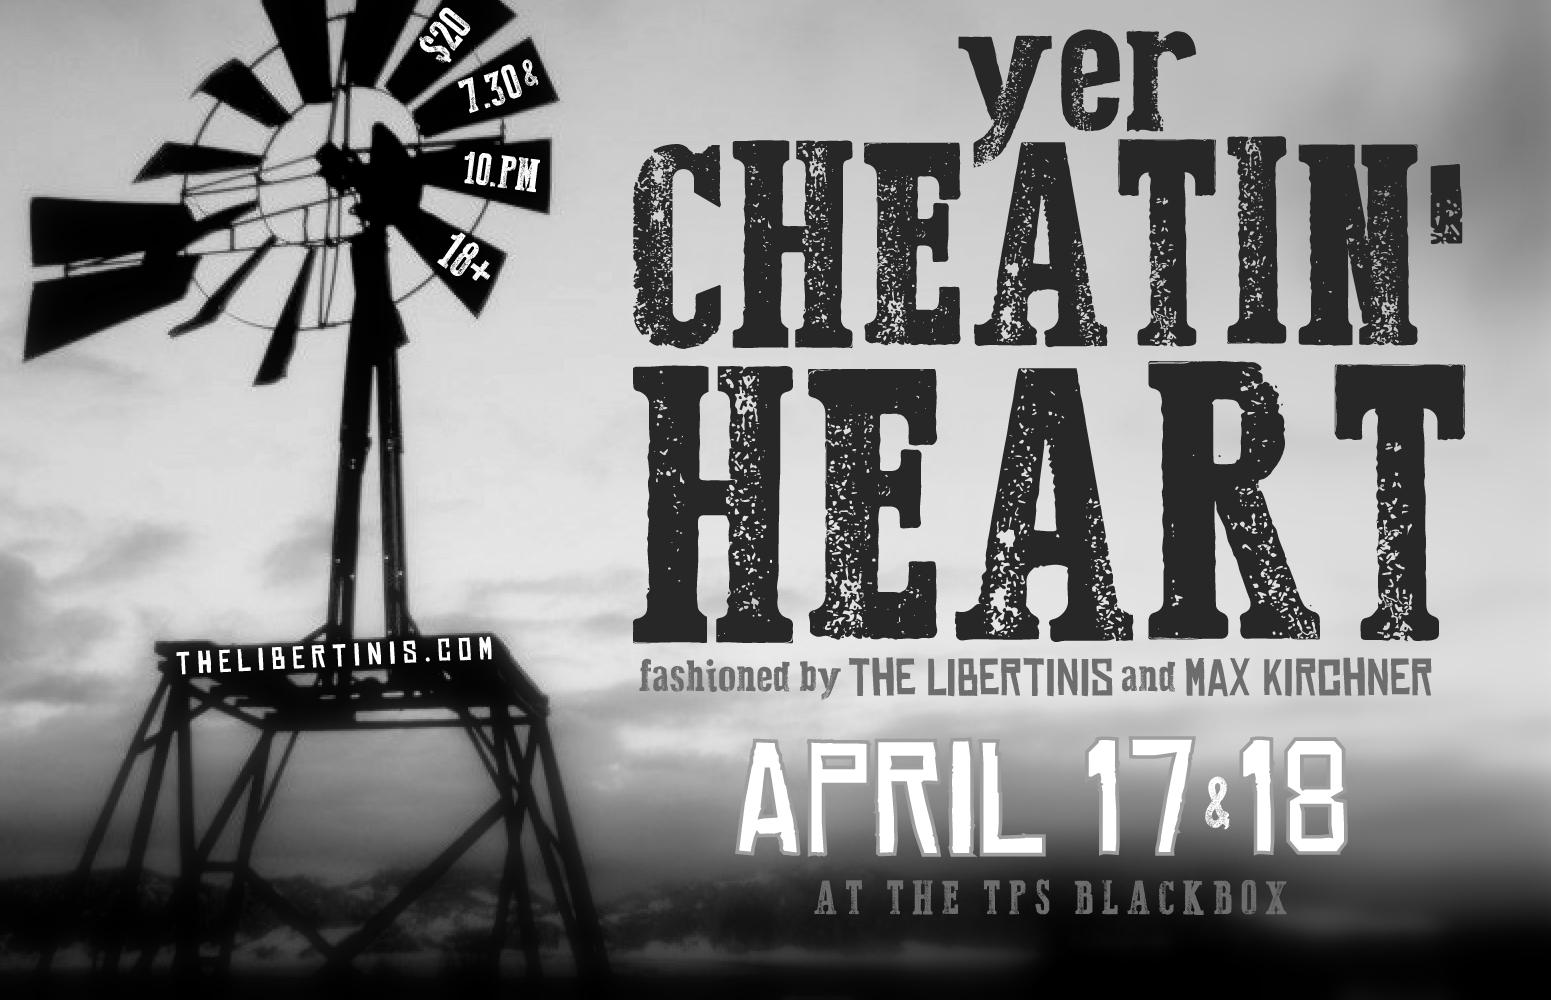 Yer' Cheatin' Heart